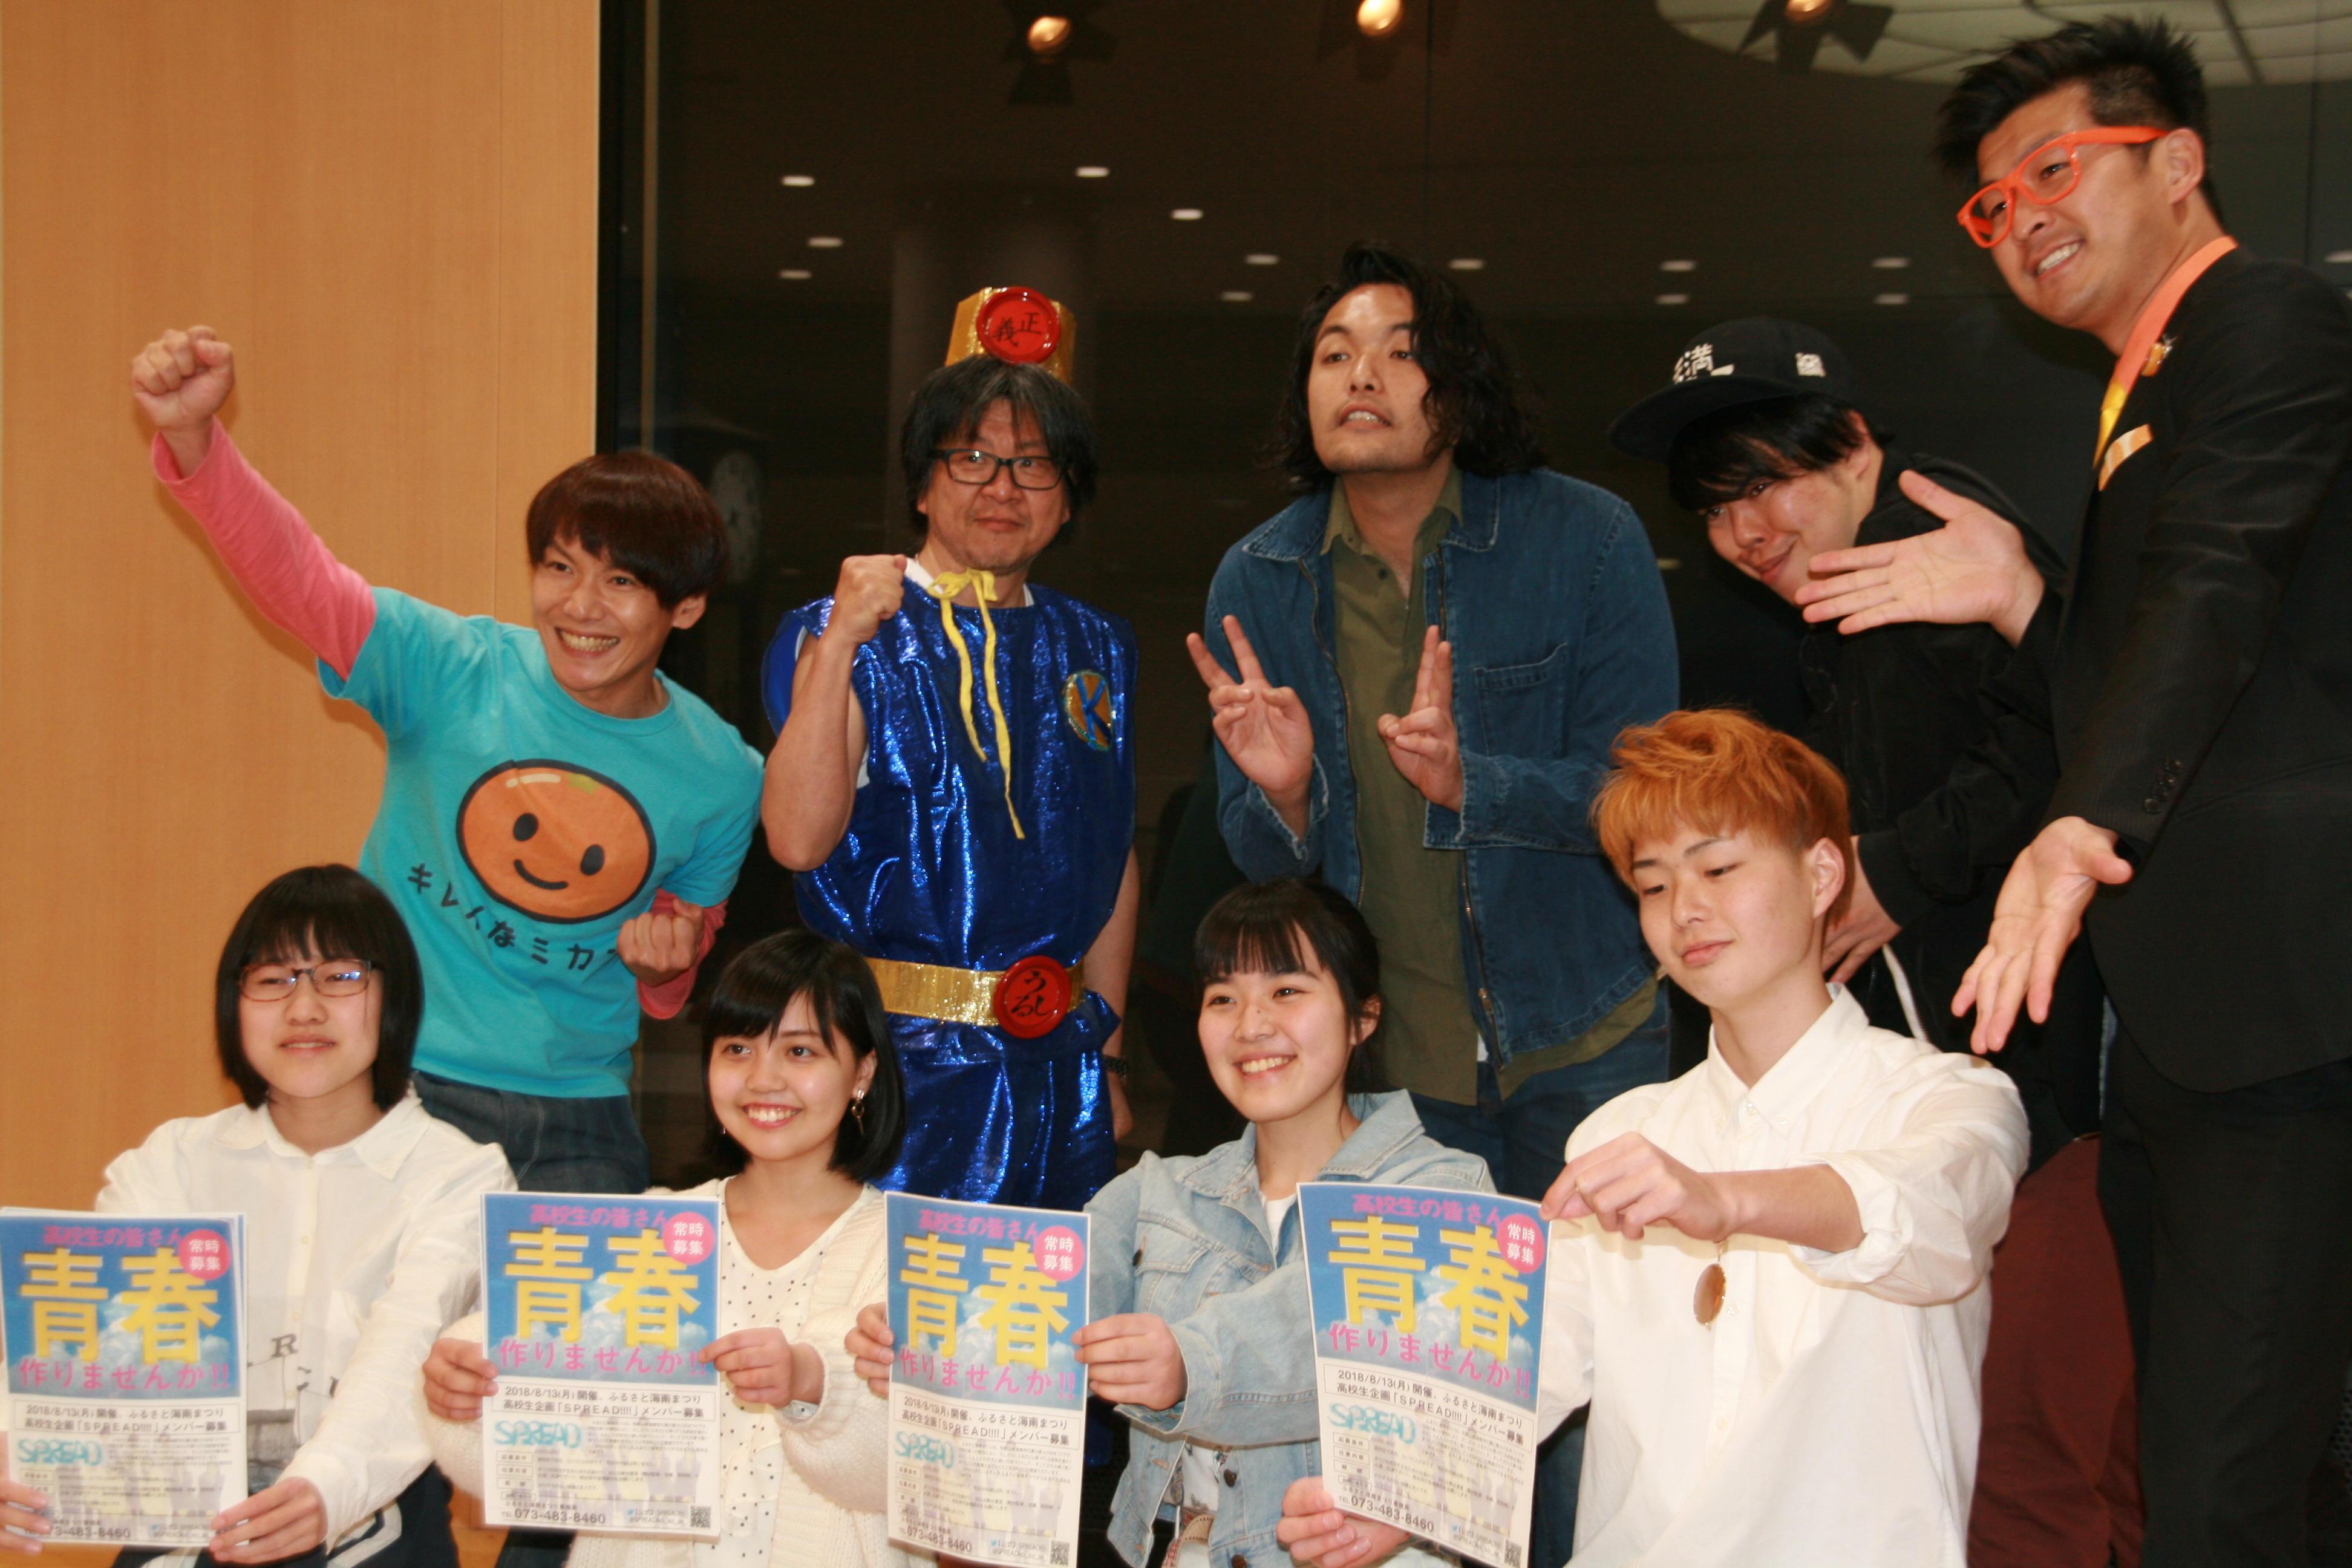 http://news.yoshimoto.co.jp/20180330232049-d2a178bea4221ed27d9d6be27ef0602ad080b706.jpg